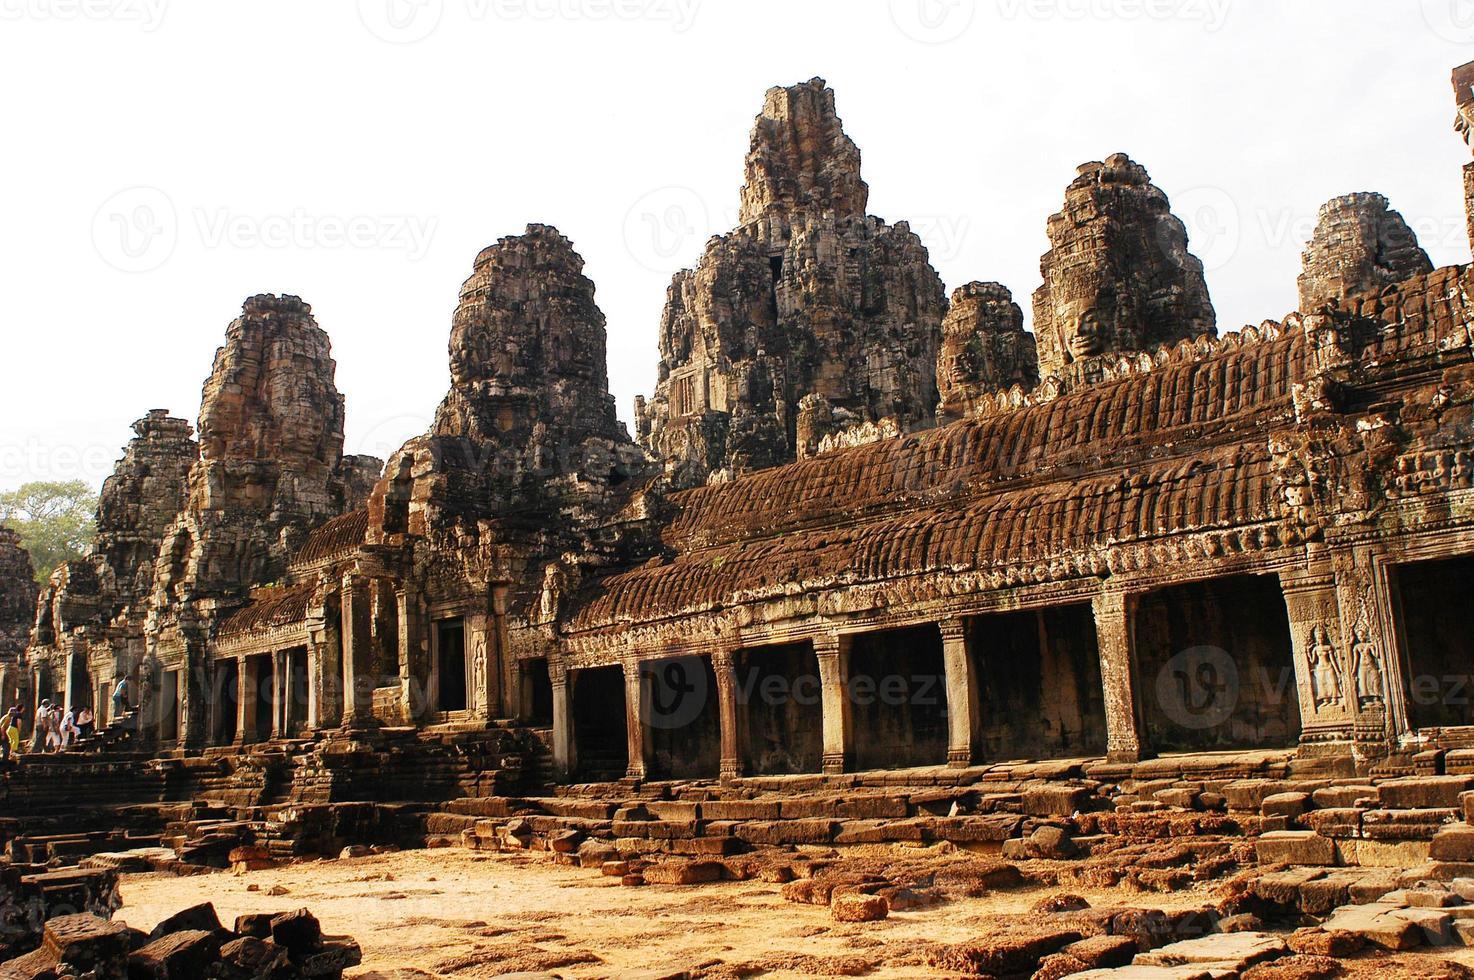 Tempio Bayon di Angkor Thom foto